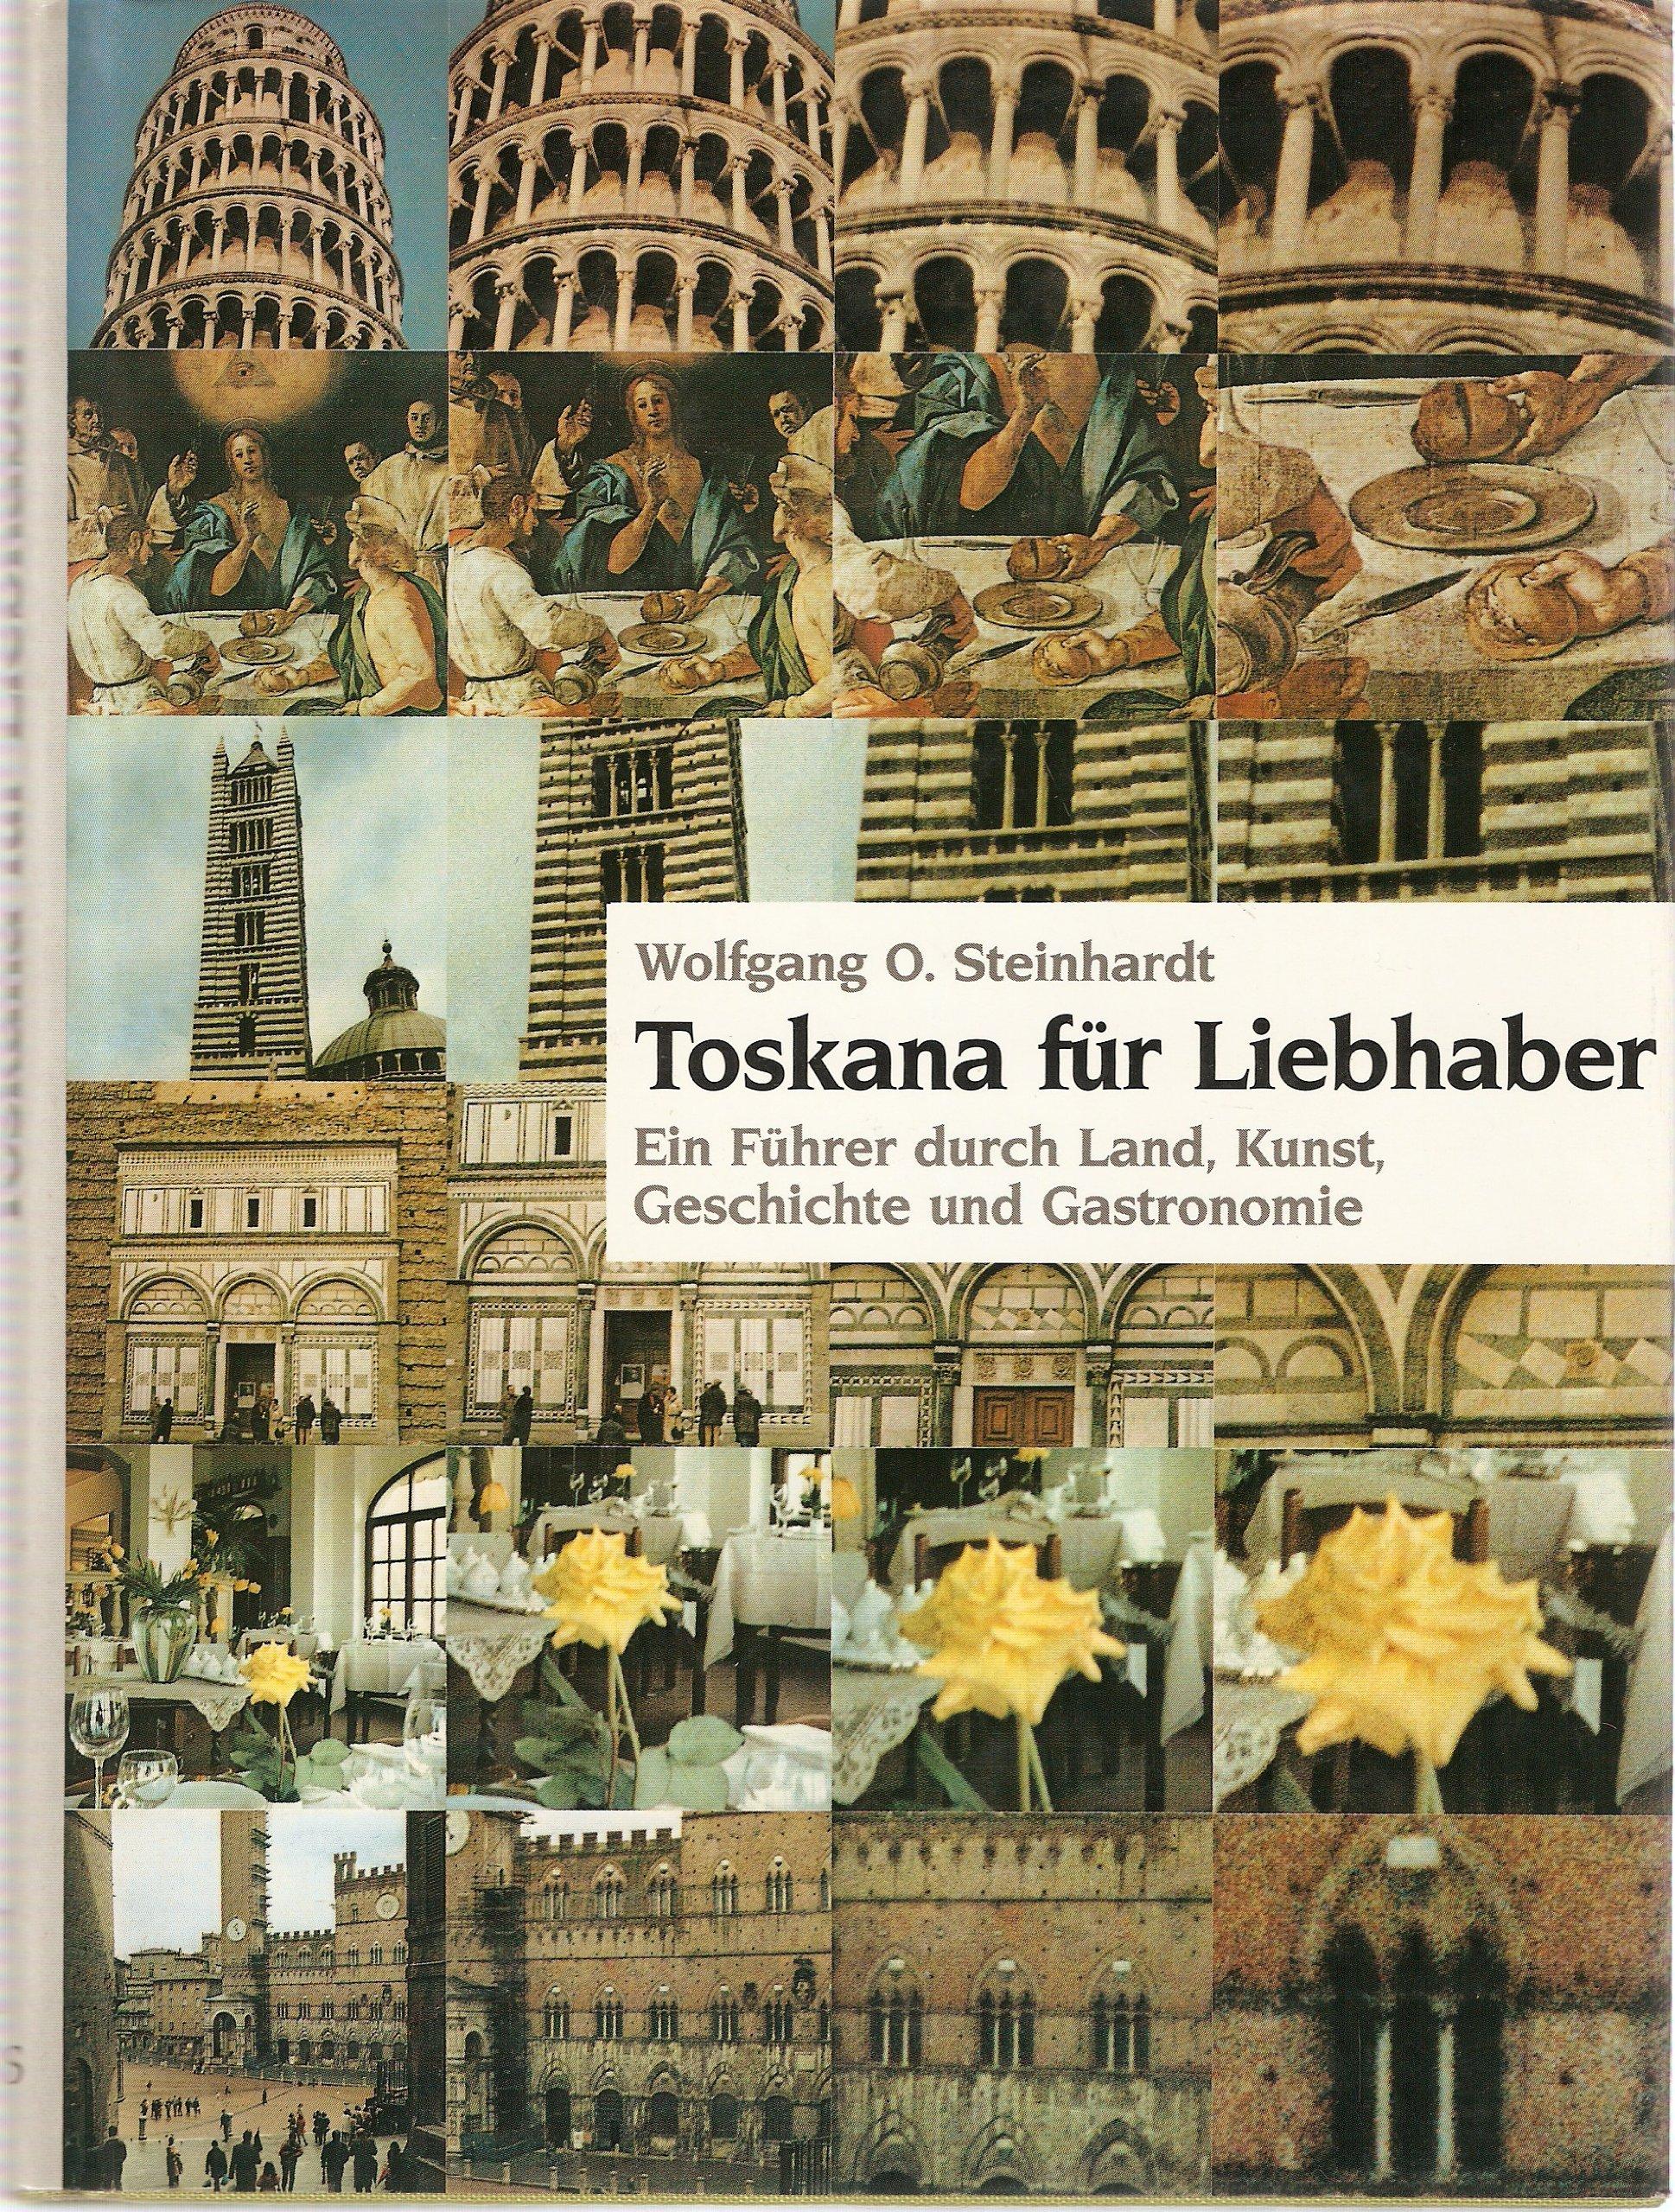 Toskana für Liebhaber. Ein Reiseführer durch Land, Kunst, Geschichte und Gastronomie